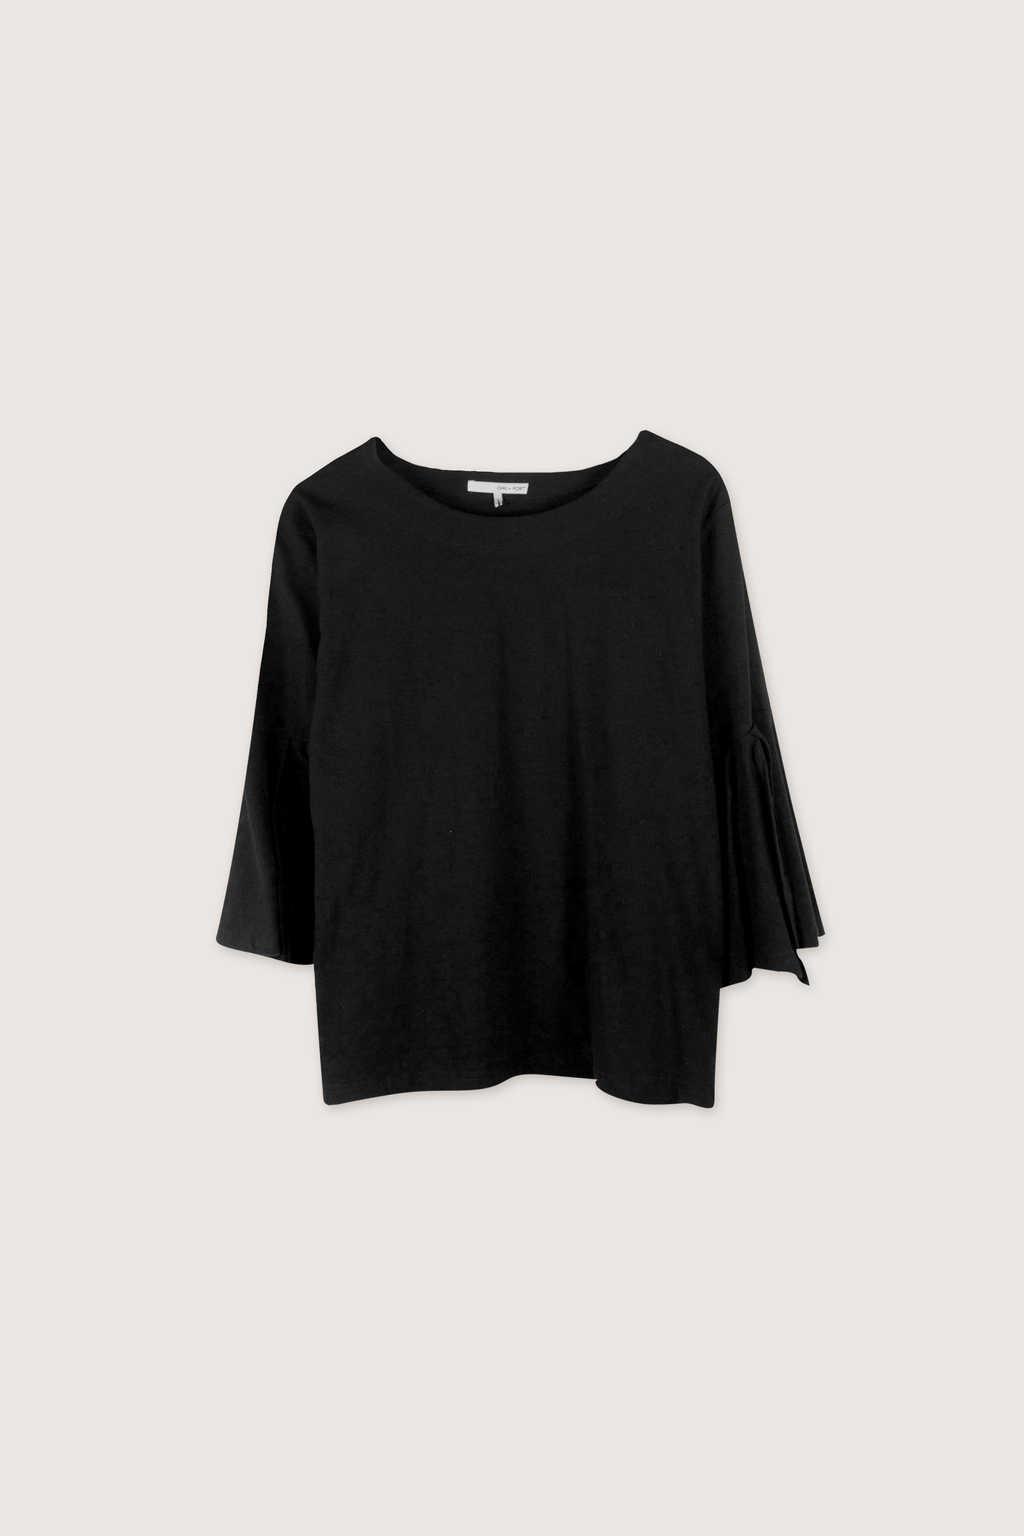 TShirt H347 Black 5